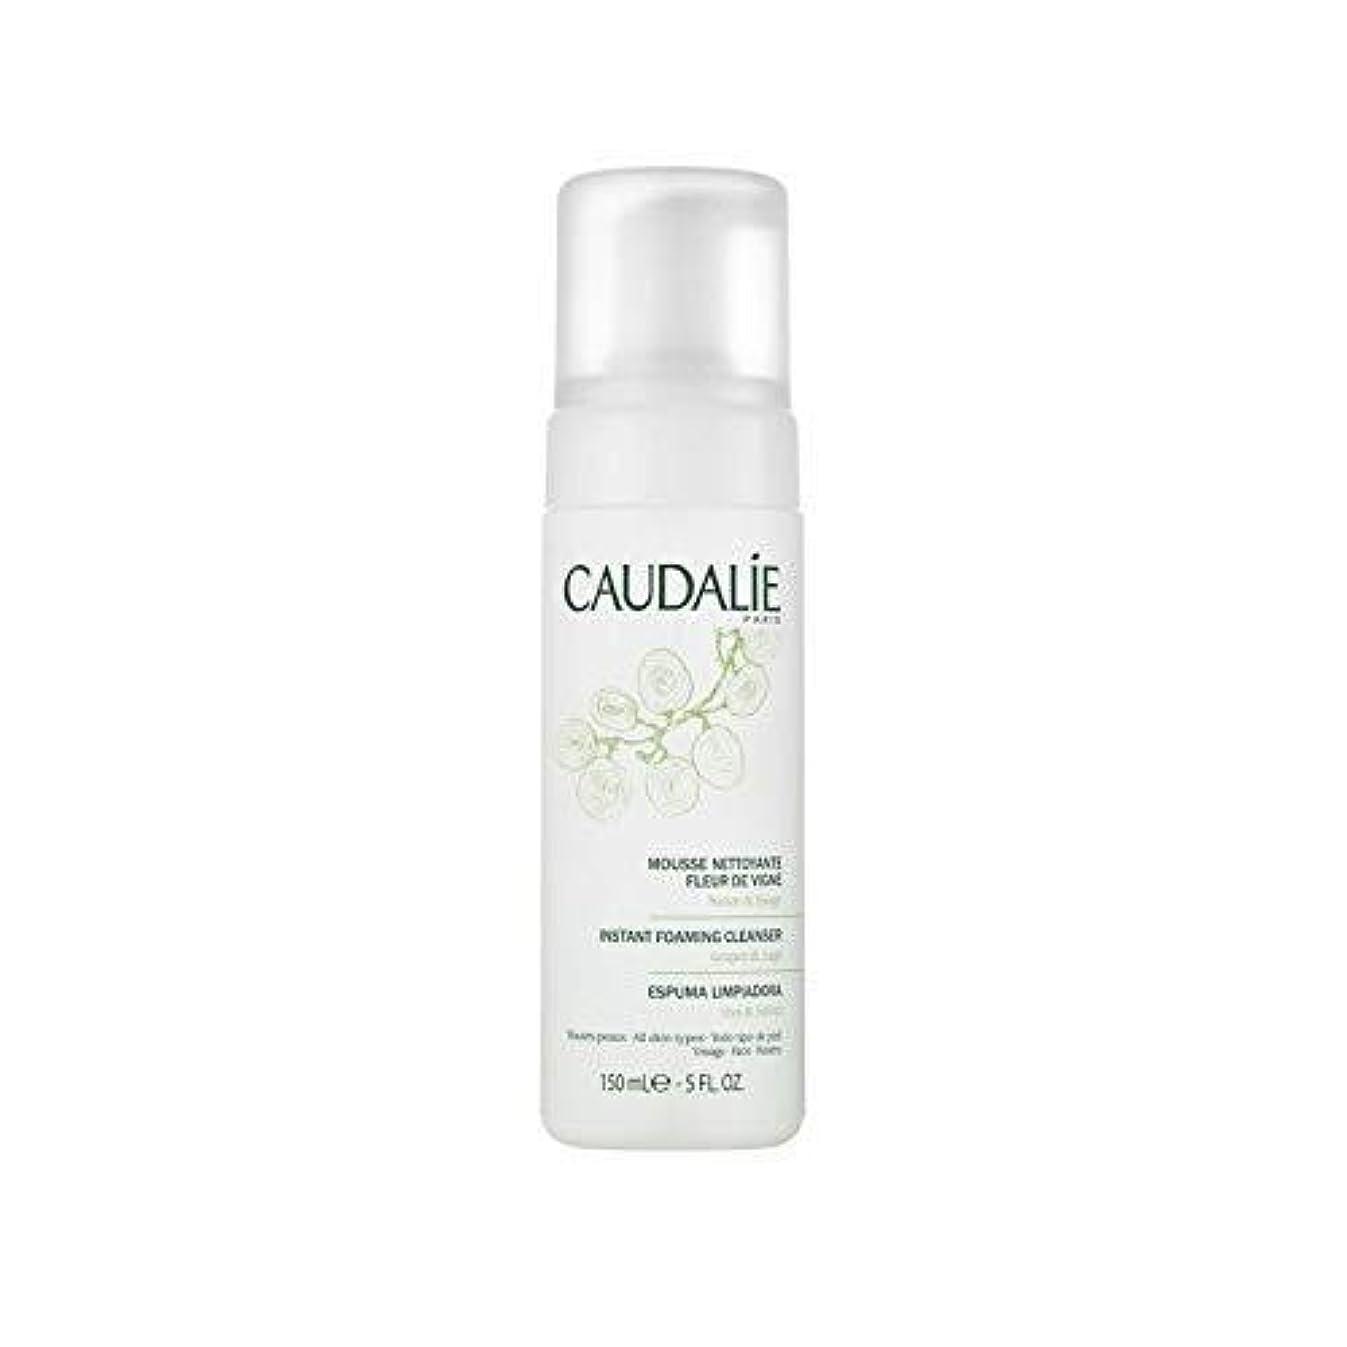 アプローチ唇磁器コーダリー Instant Foaming Cleanser - For All Skin Types 150ml/5oz並行輸入品